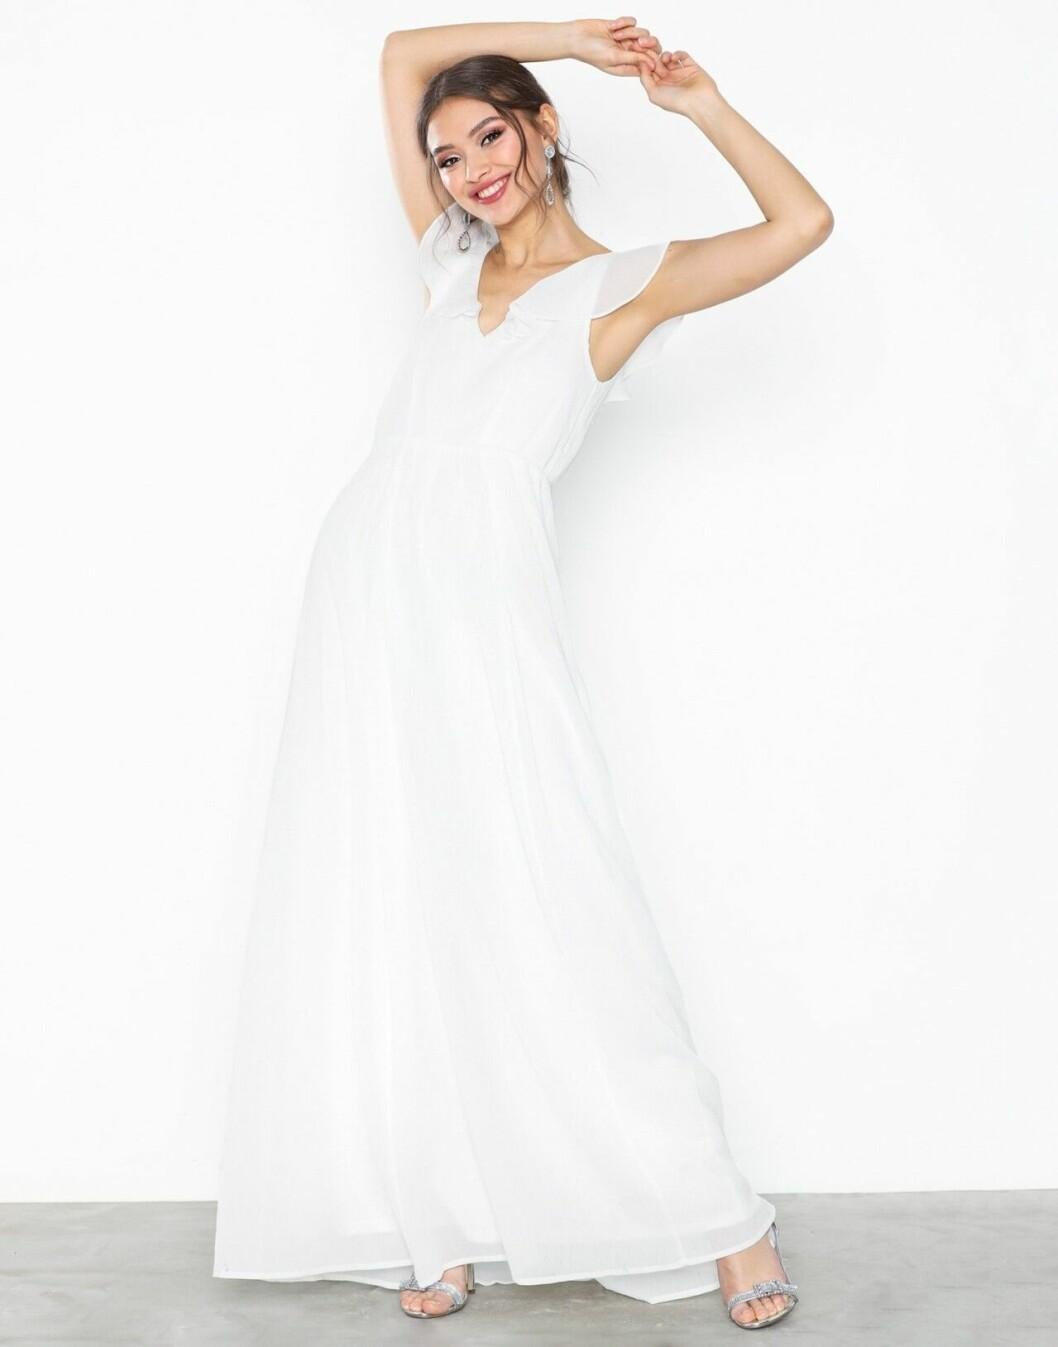 Billig bröllopsklänning med volanger 2019